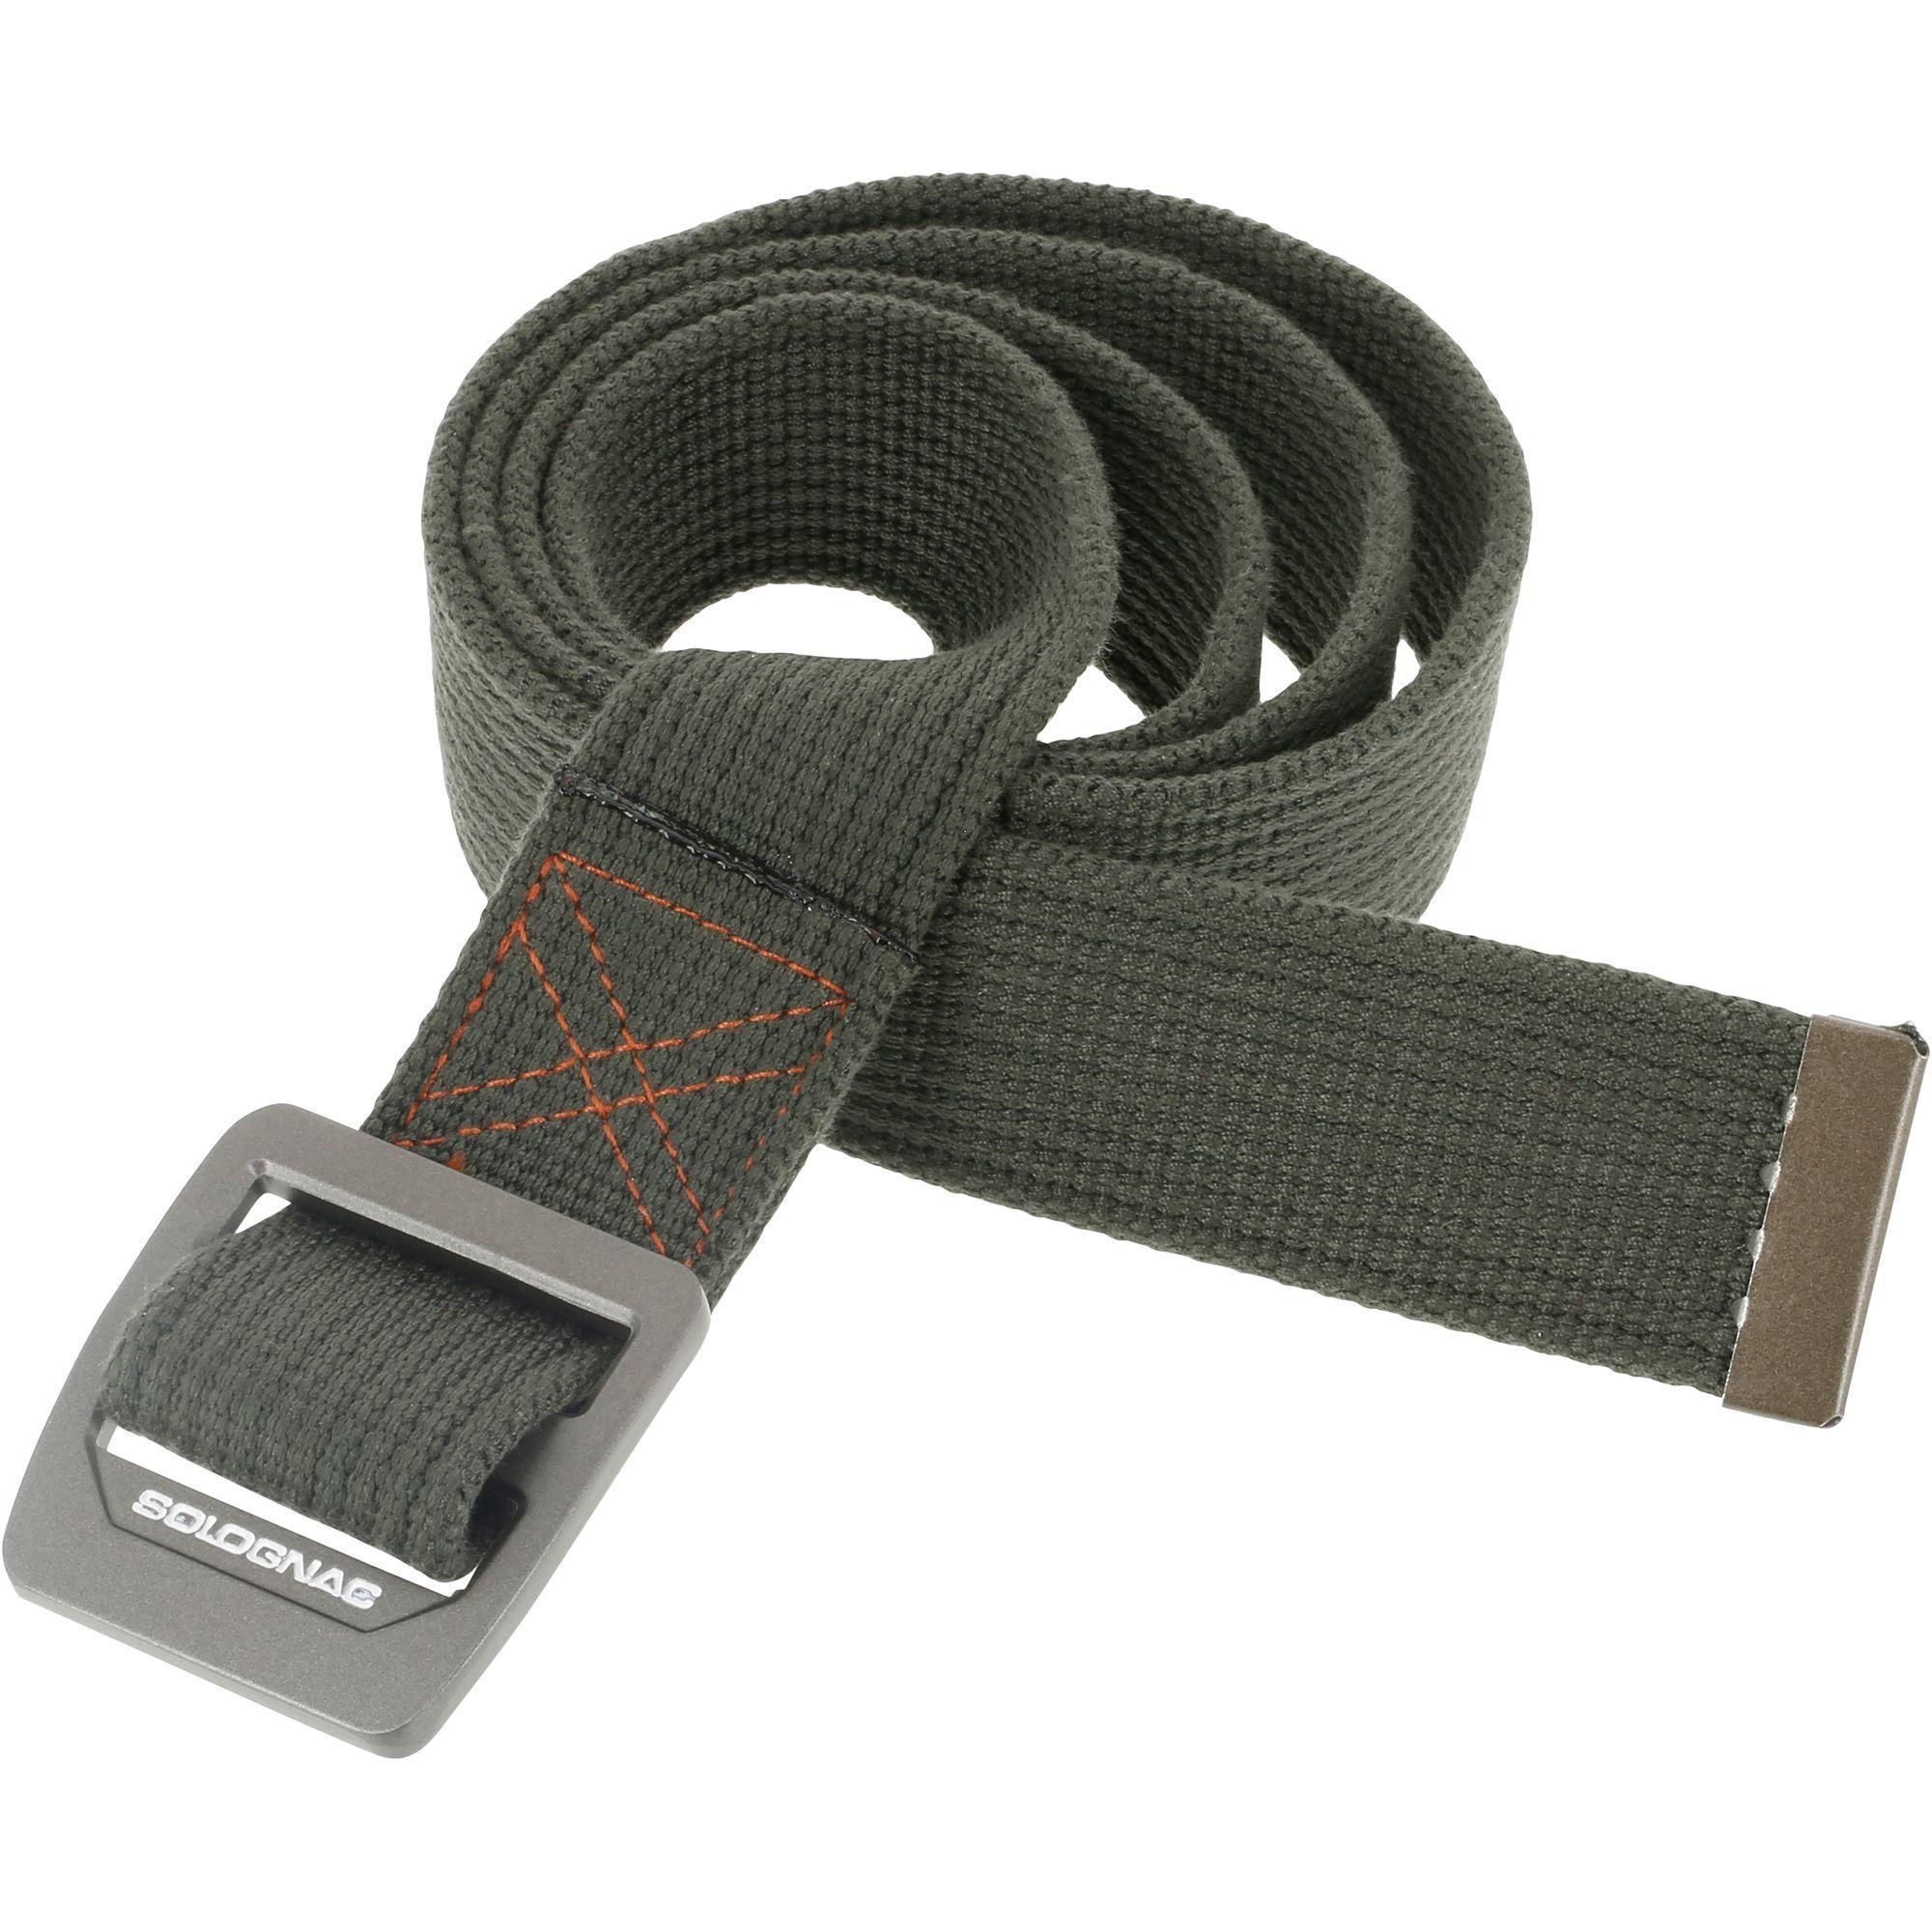 Comprar Tirantes Y Cinturones Online Decathlon